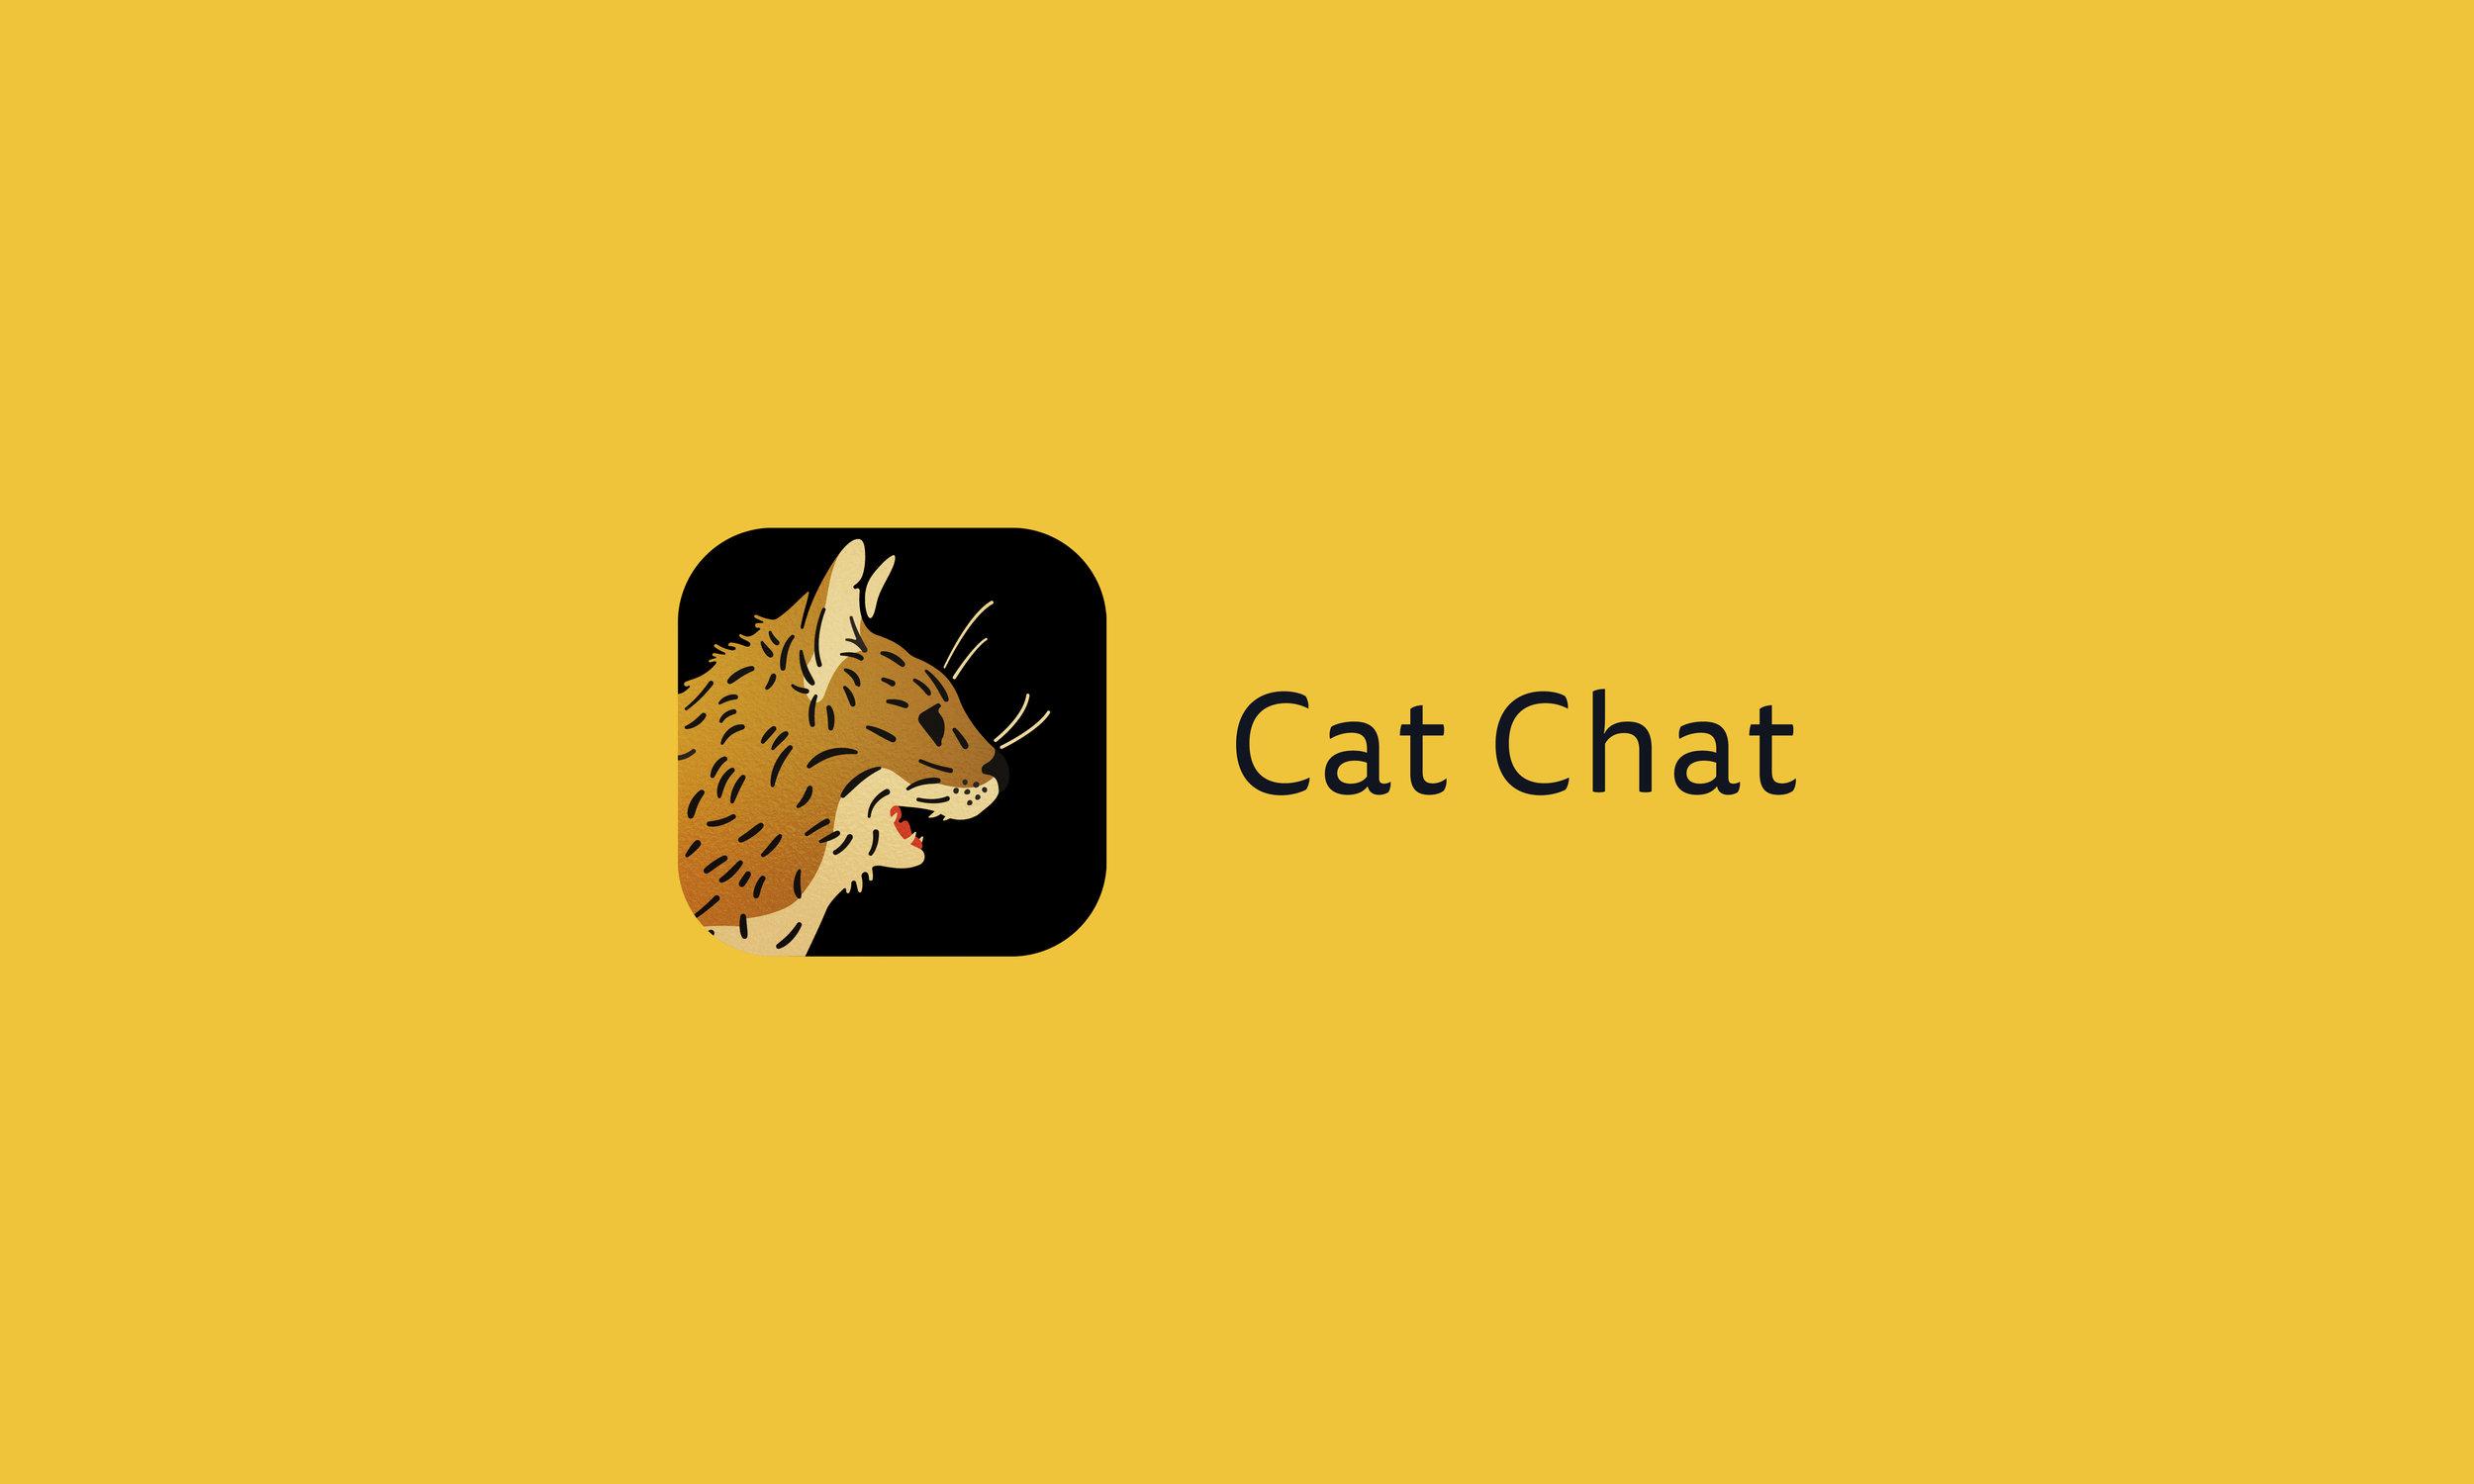 cat-chat_thumb@1x.jpg